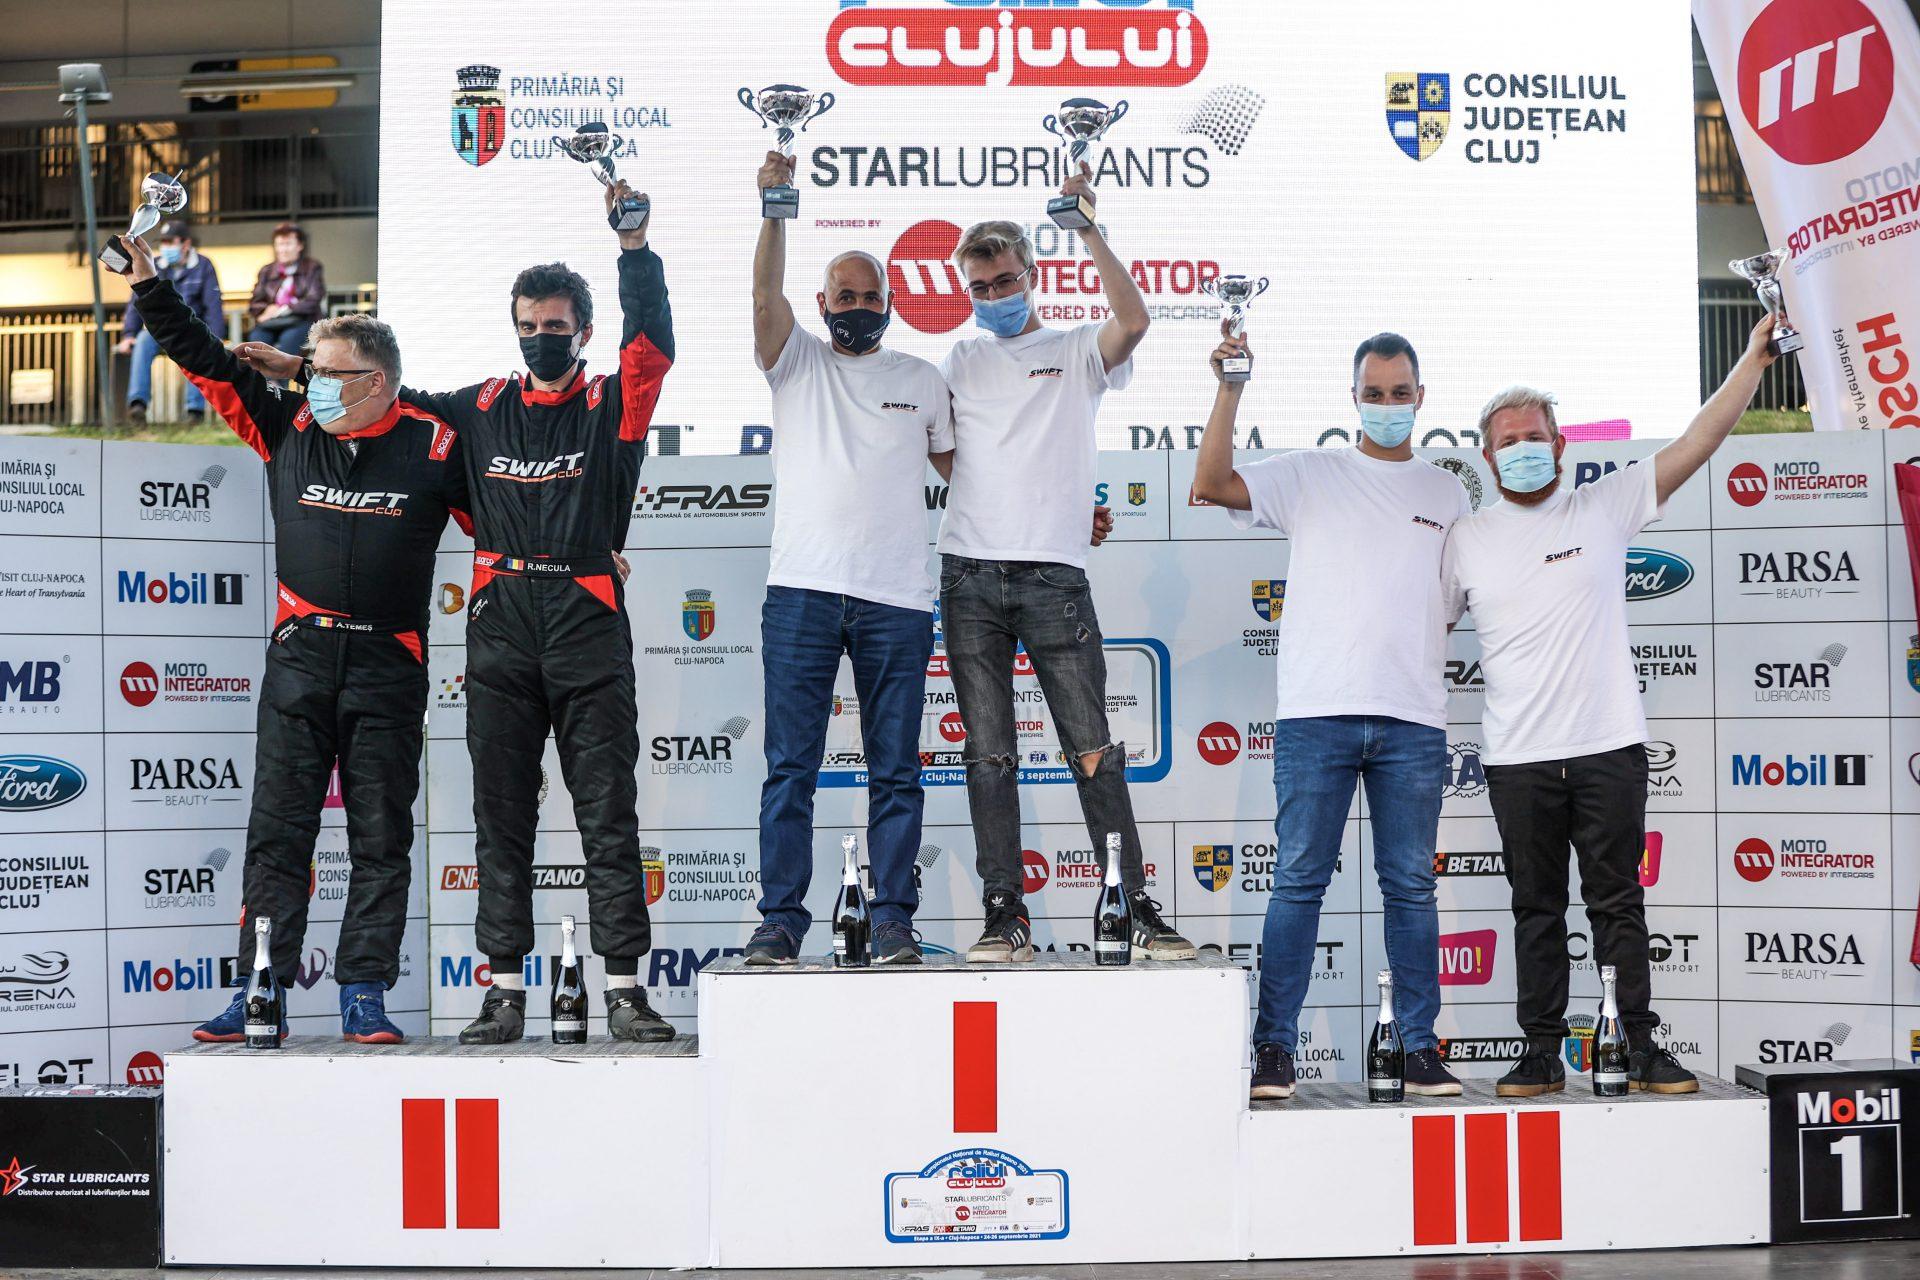 David Tarța și Mihai Sandu câștigă ultima etapă Swift Cup din 2021